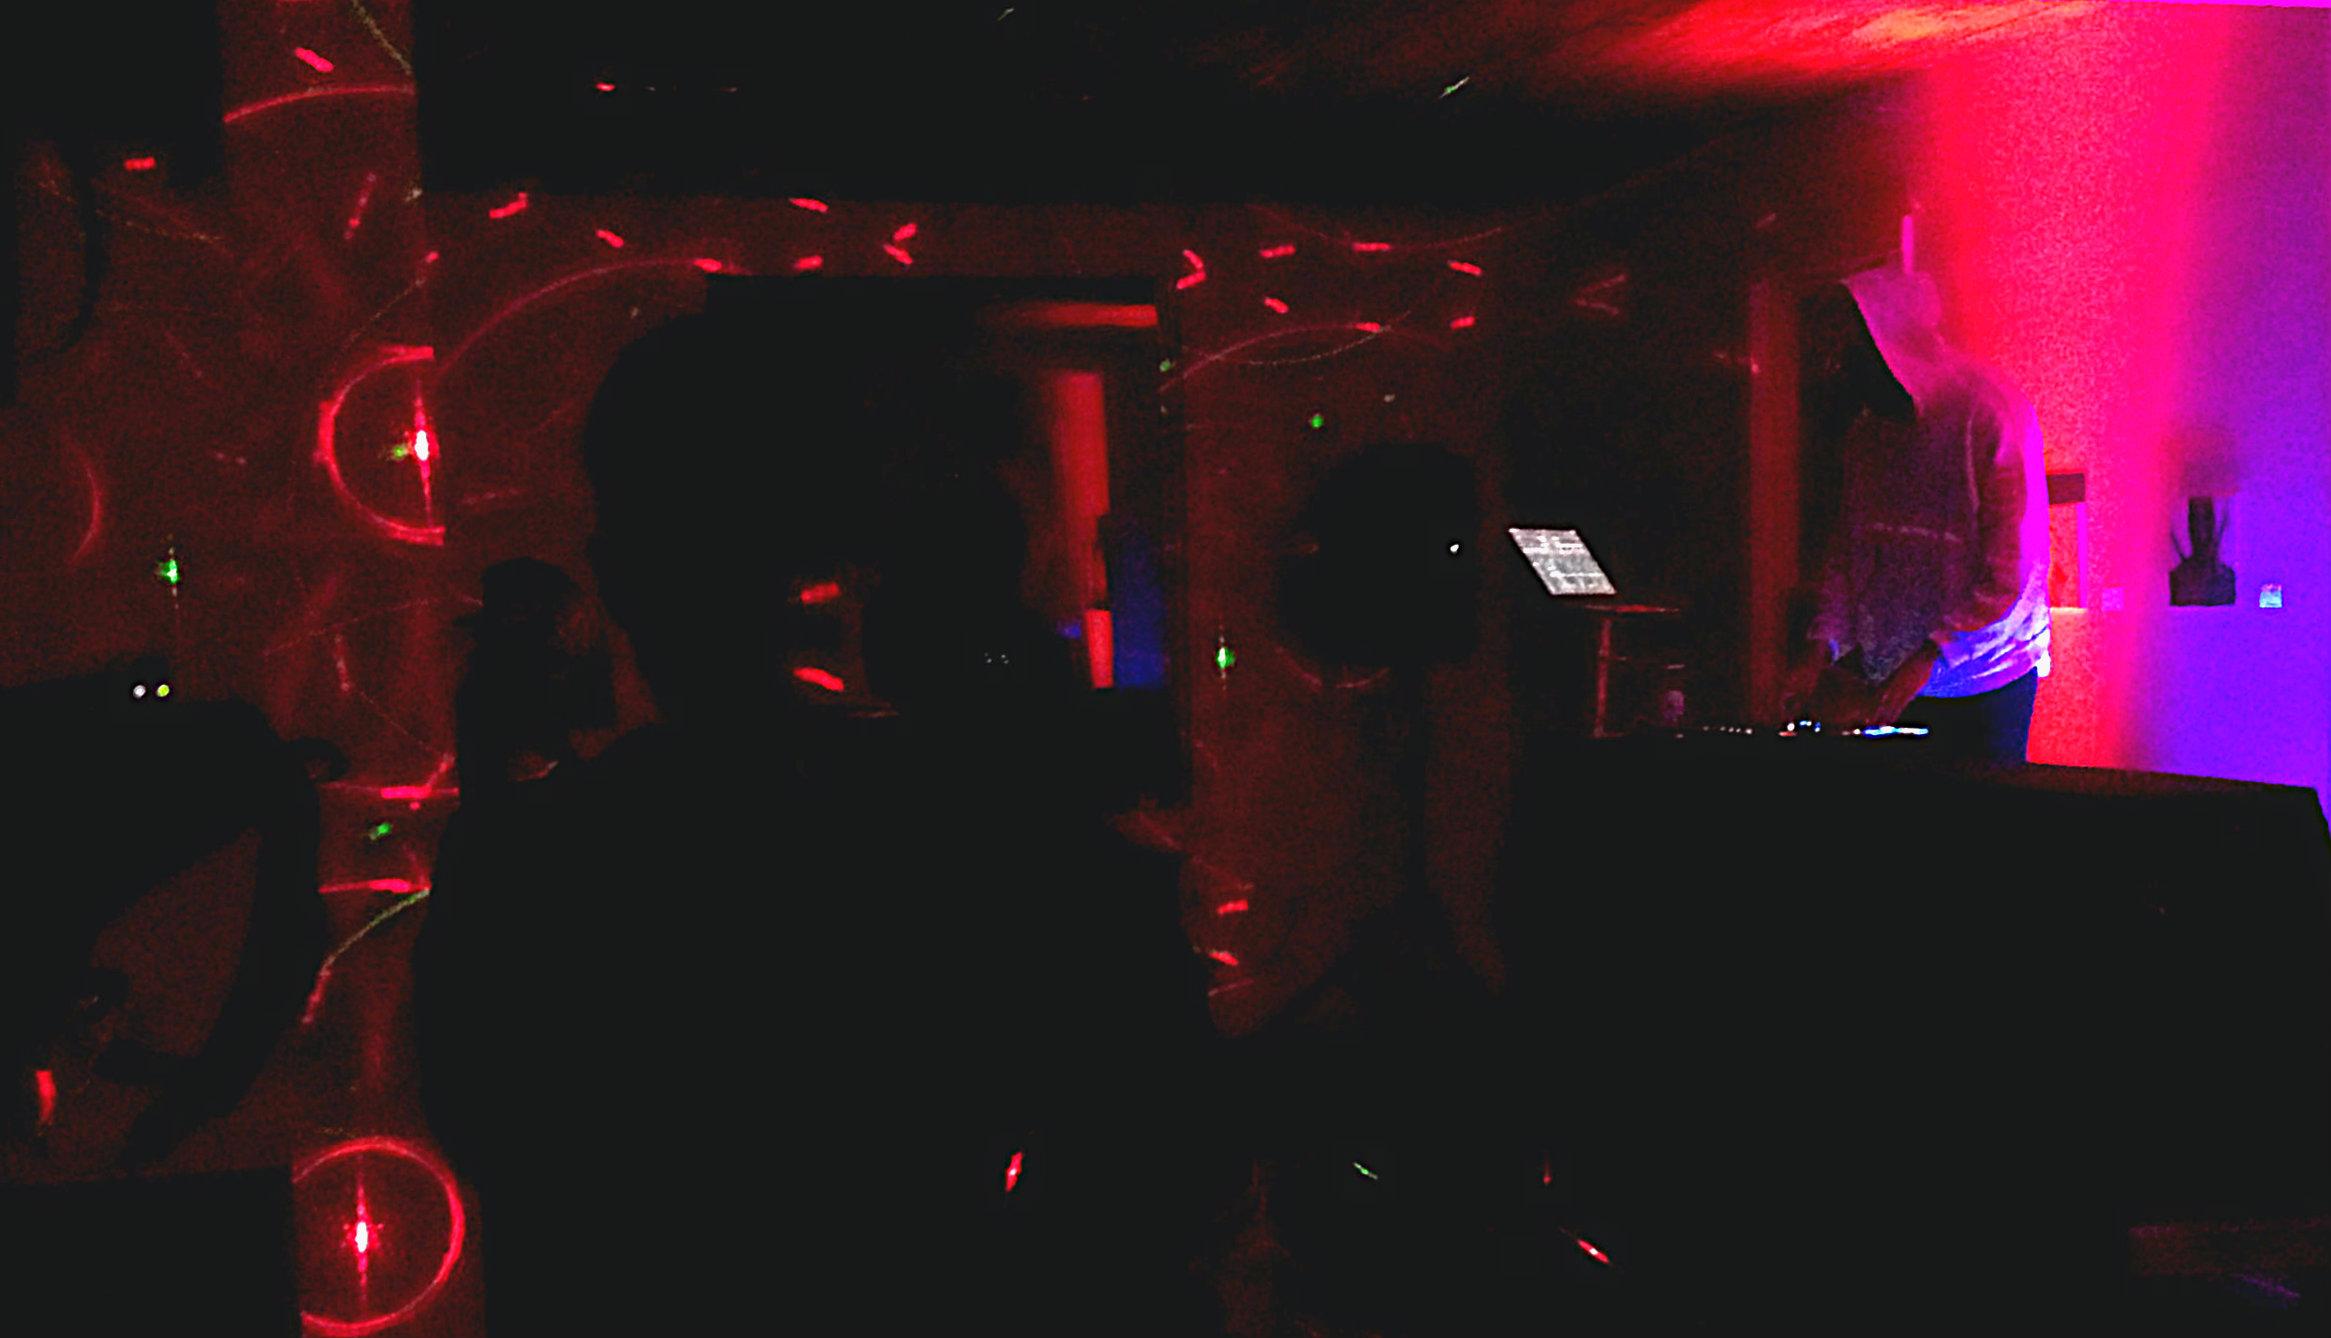 Dallas DJ Blue the Misfit